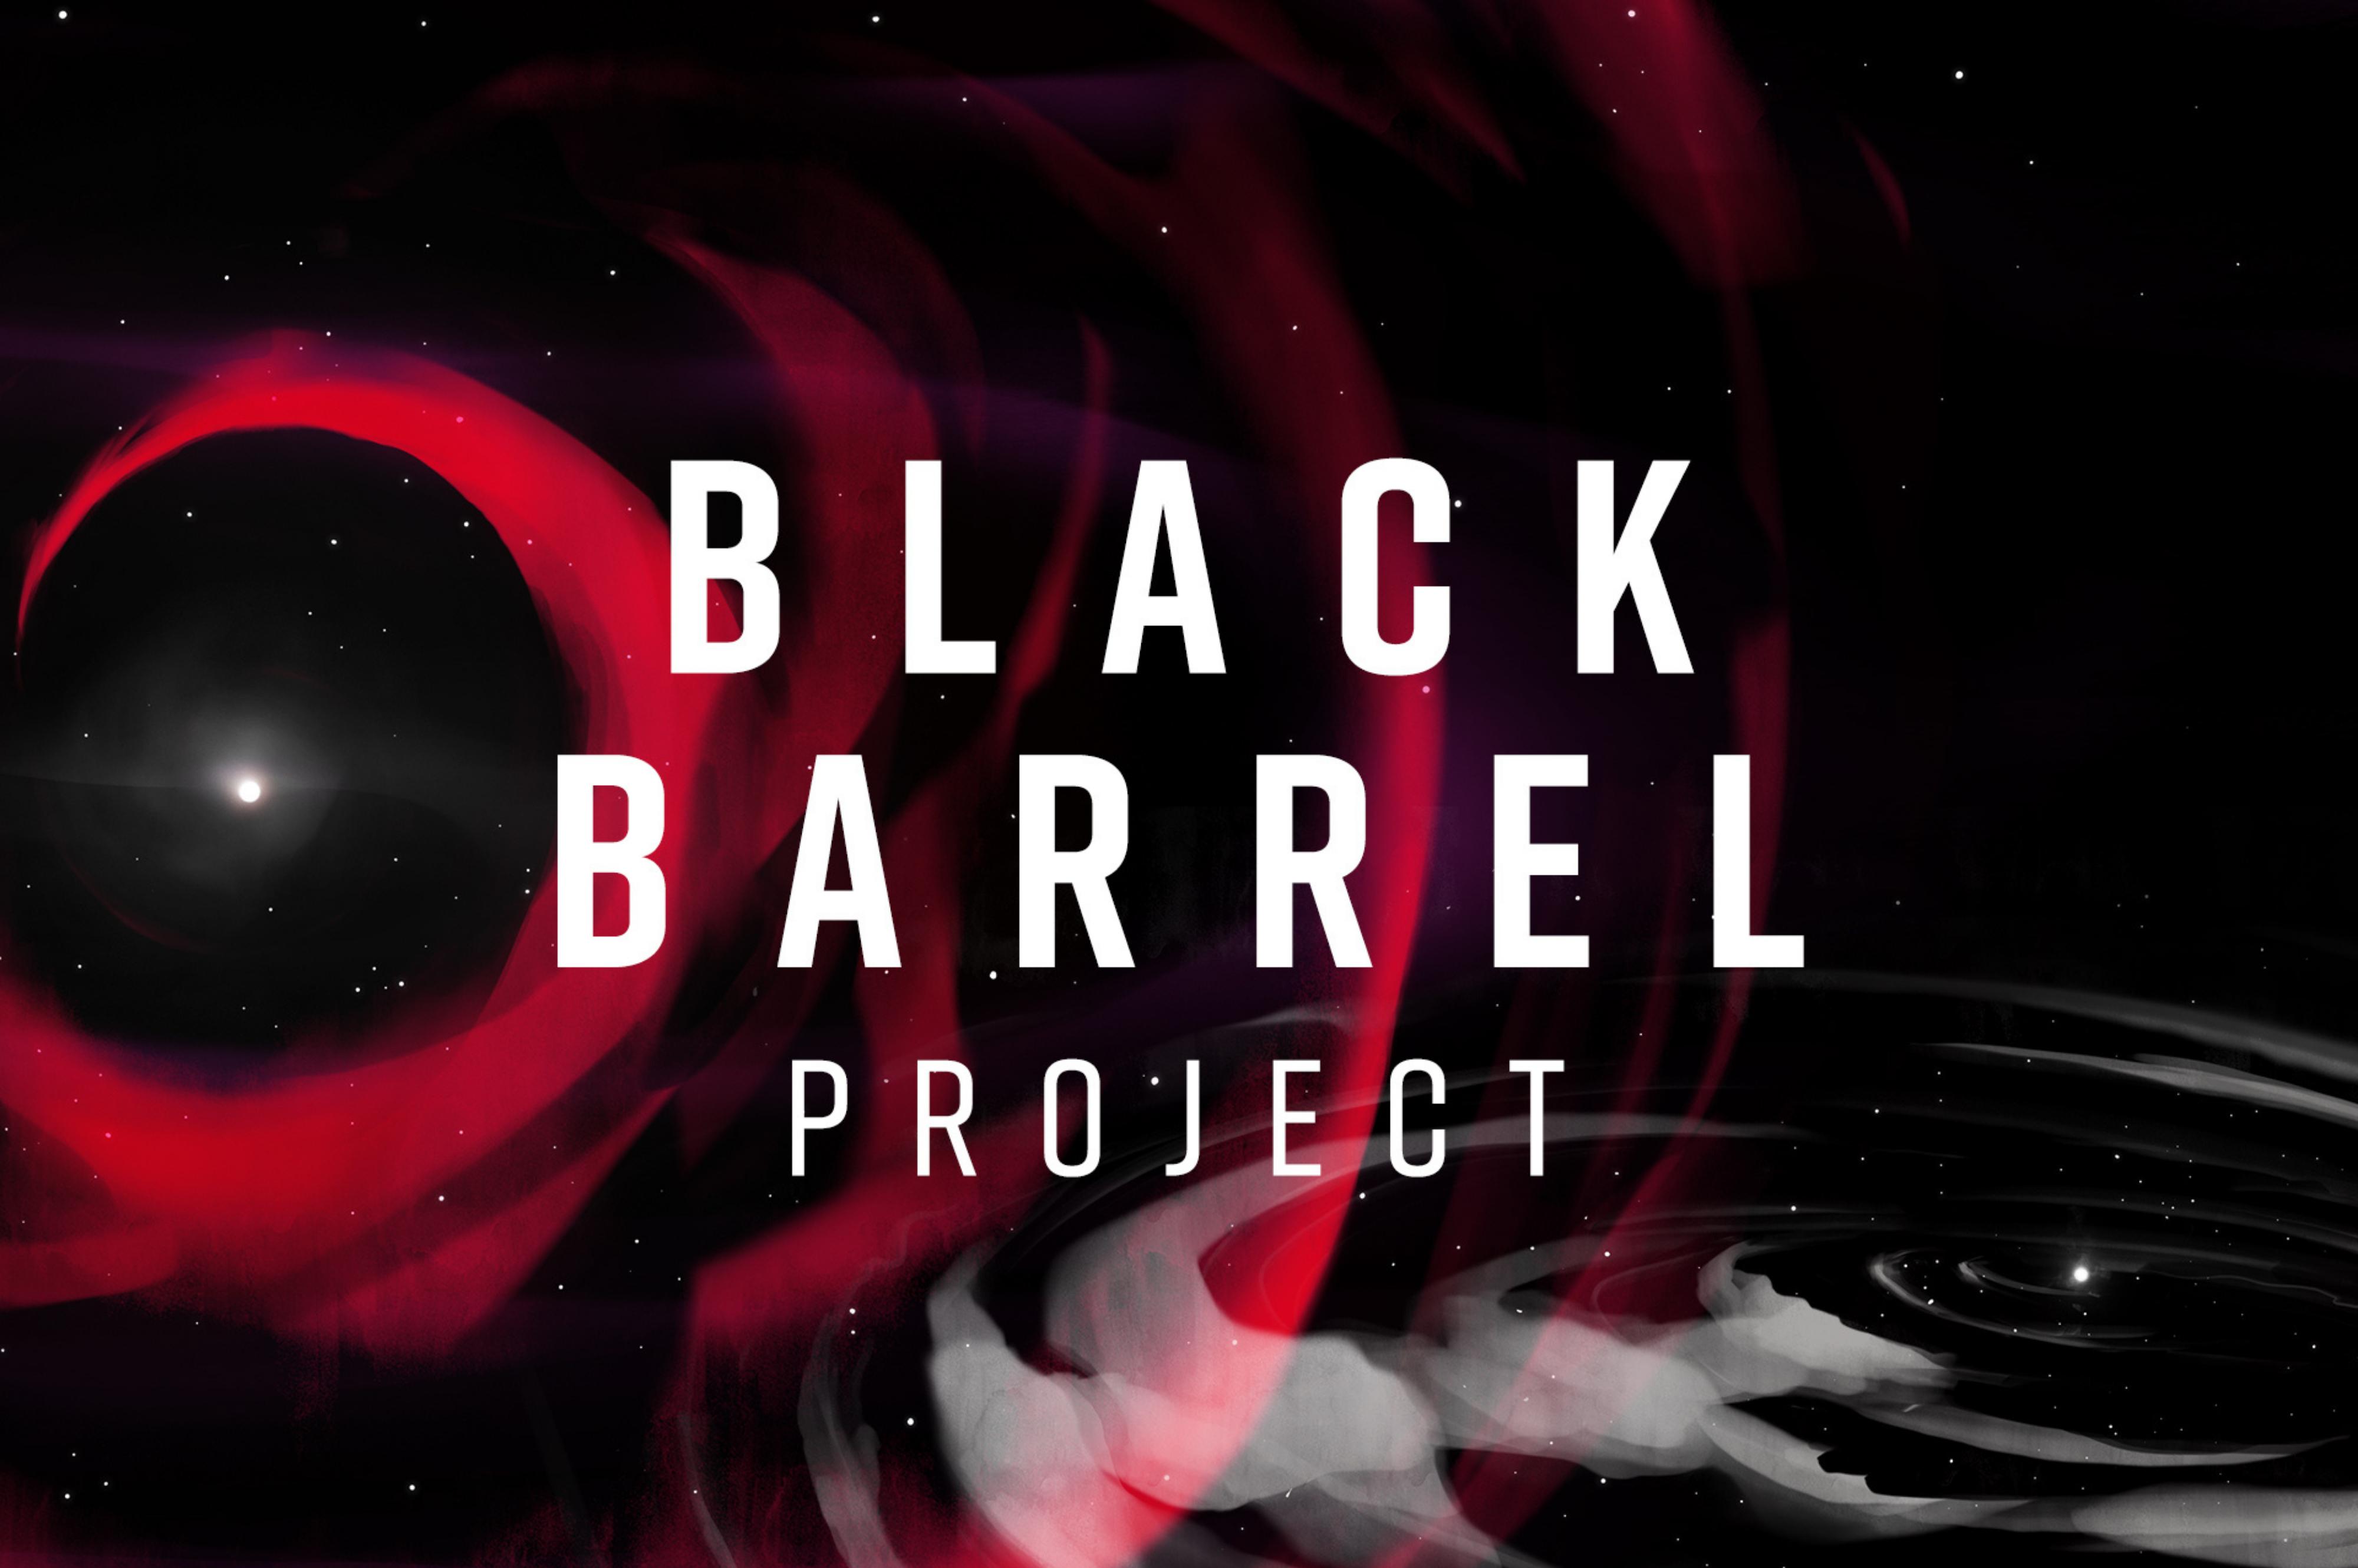 Black Barrel, avagy a hordóérlelt sörök